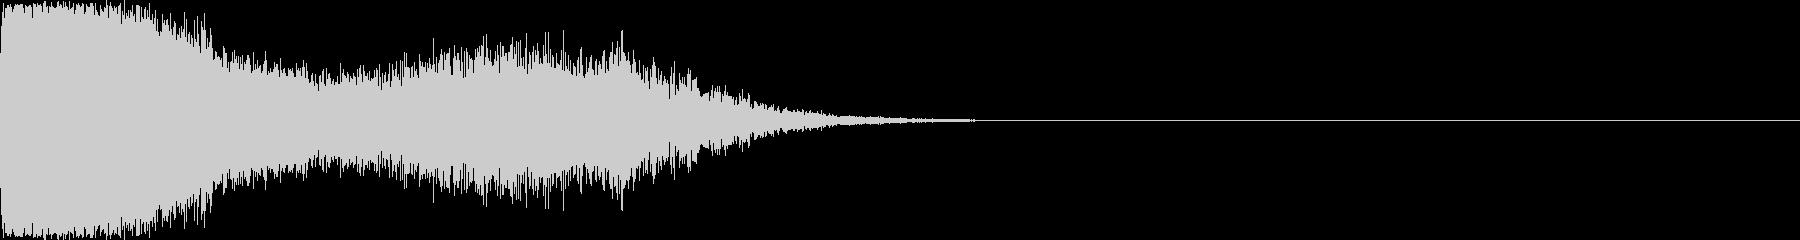 刀 剣 ソード カキーン キュイーン33の未再生の波形